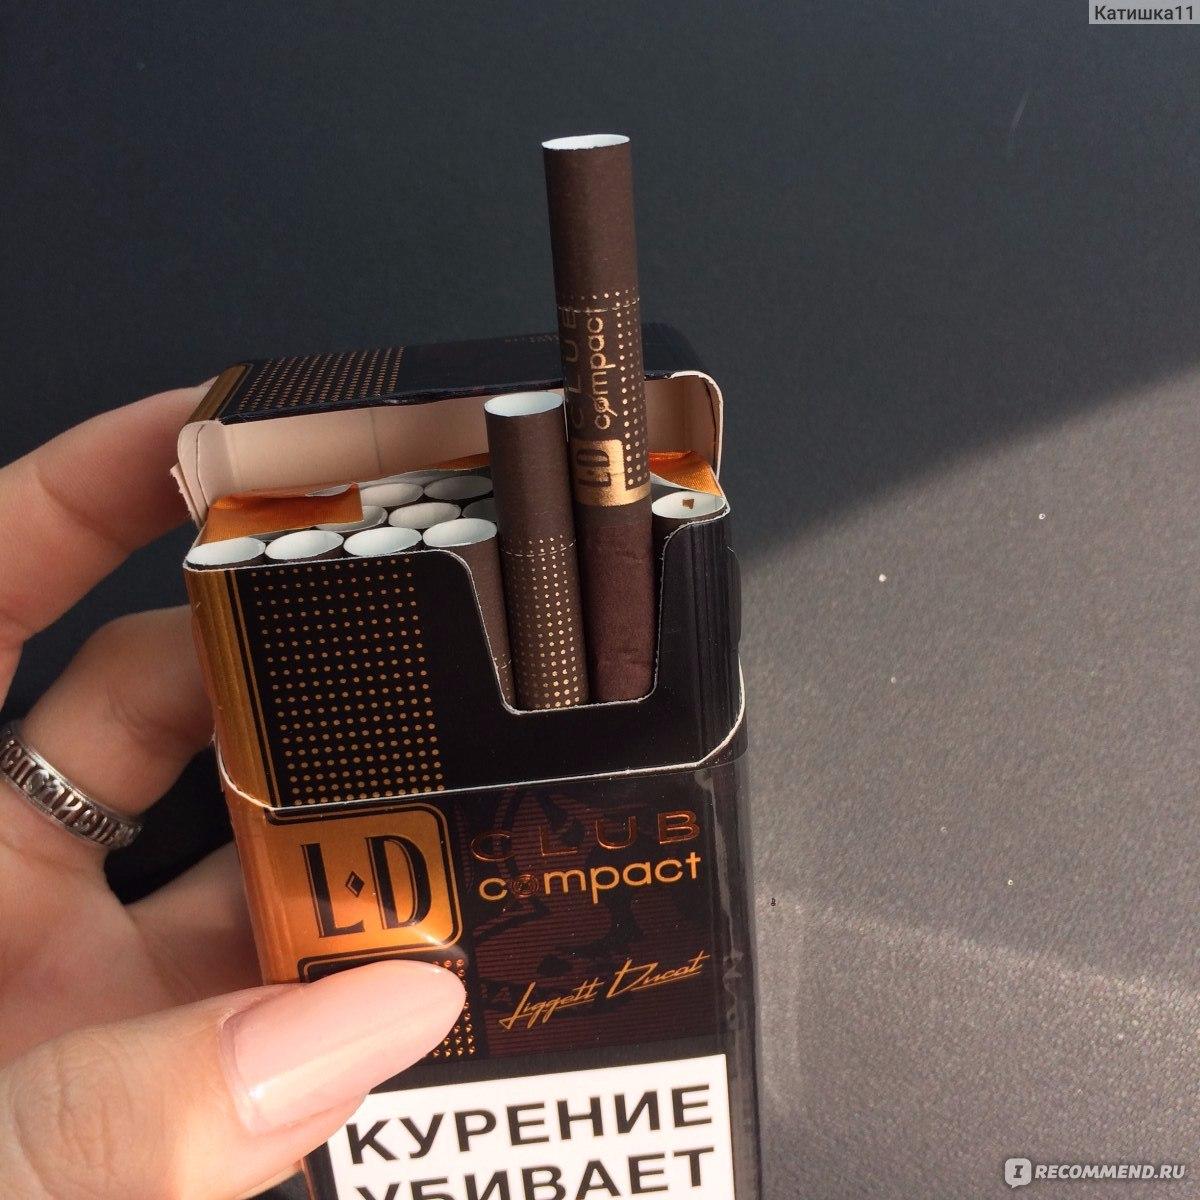 Где купить сигареты рязань одноразовые электронные сигареты в мурманске магазины